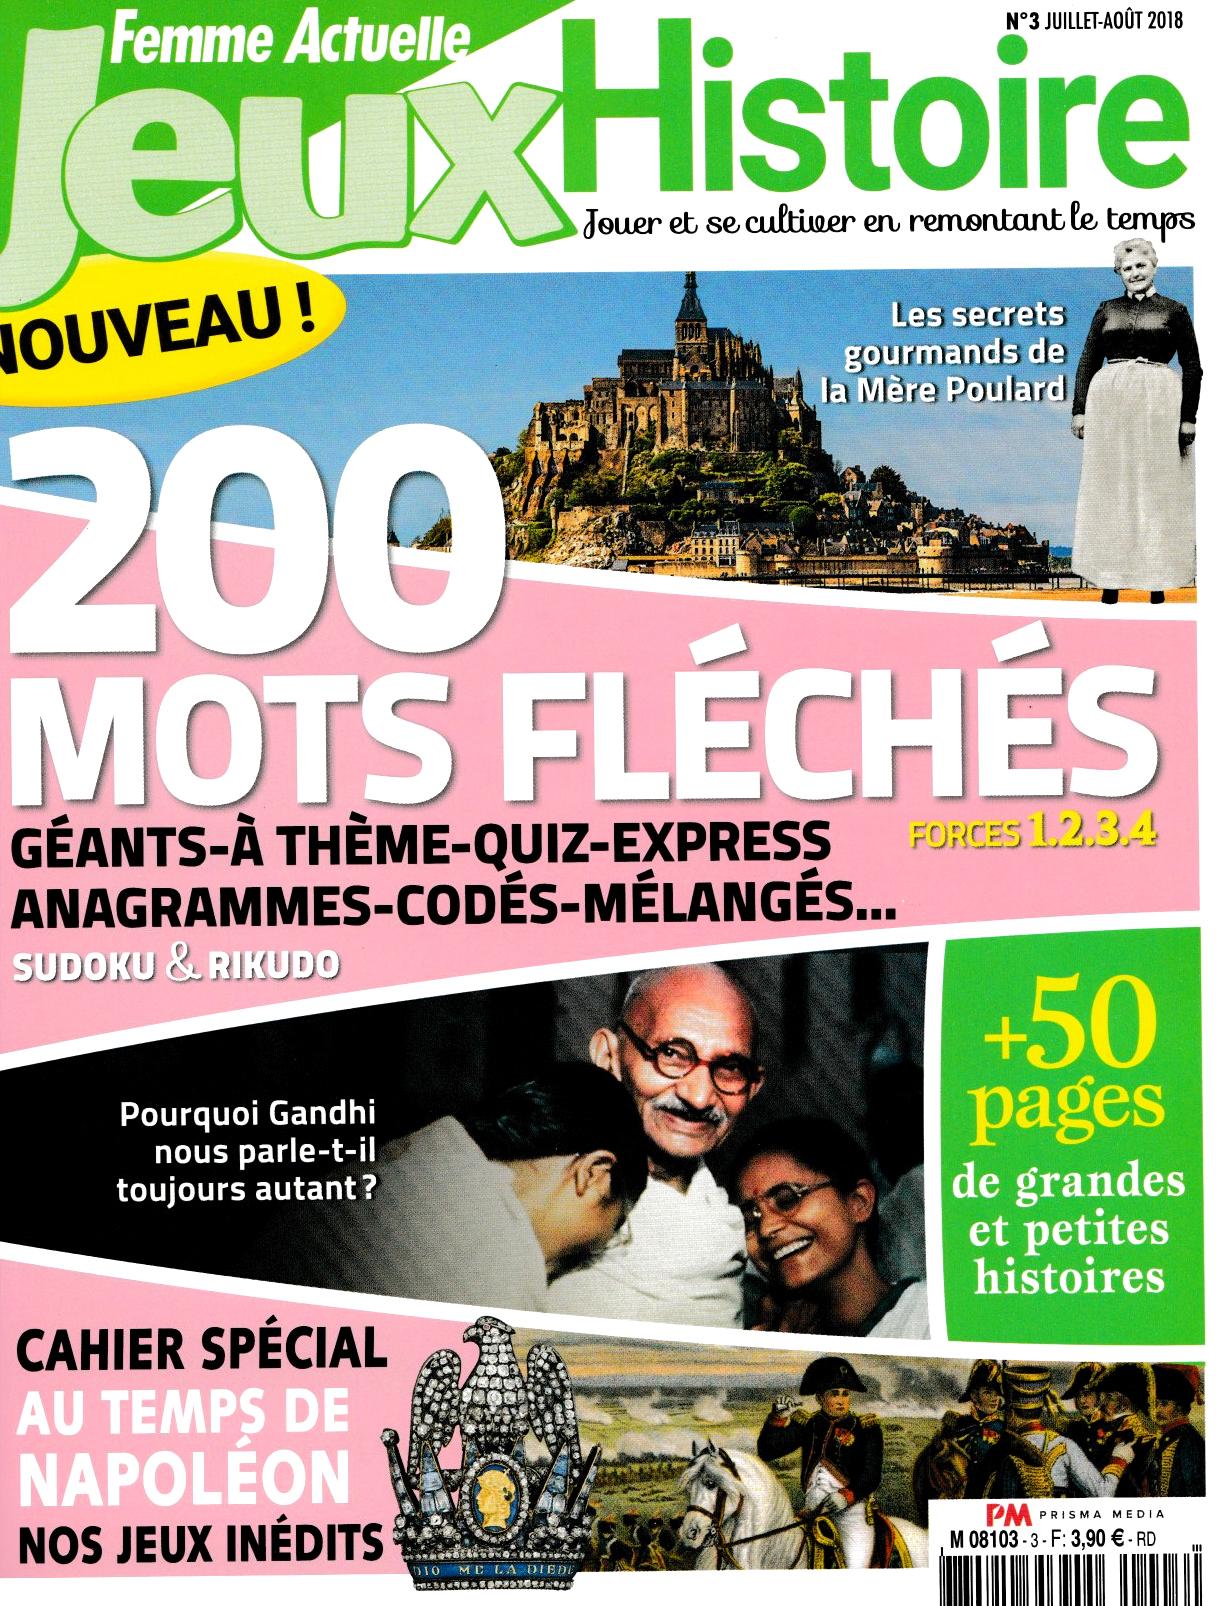 jardins Chateau d'ancy le Franc femme actuelle jeux histoire